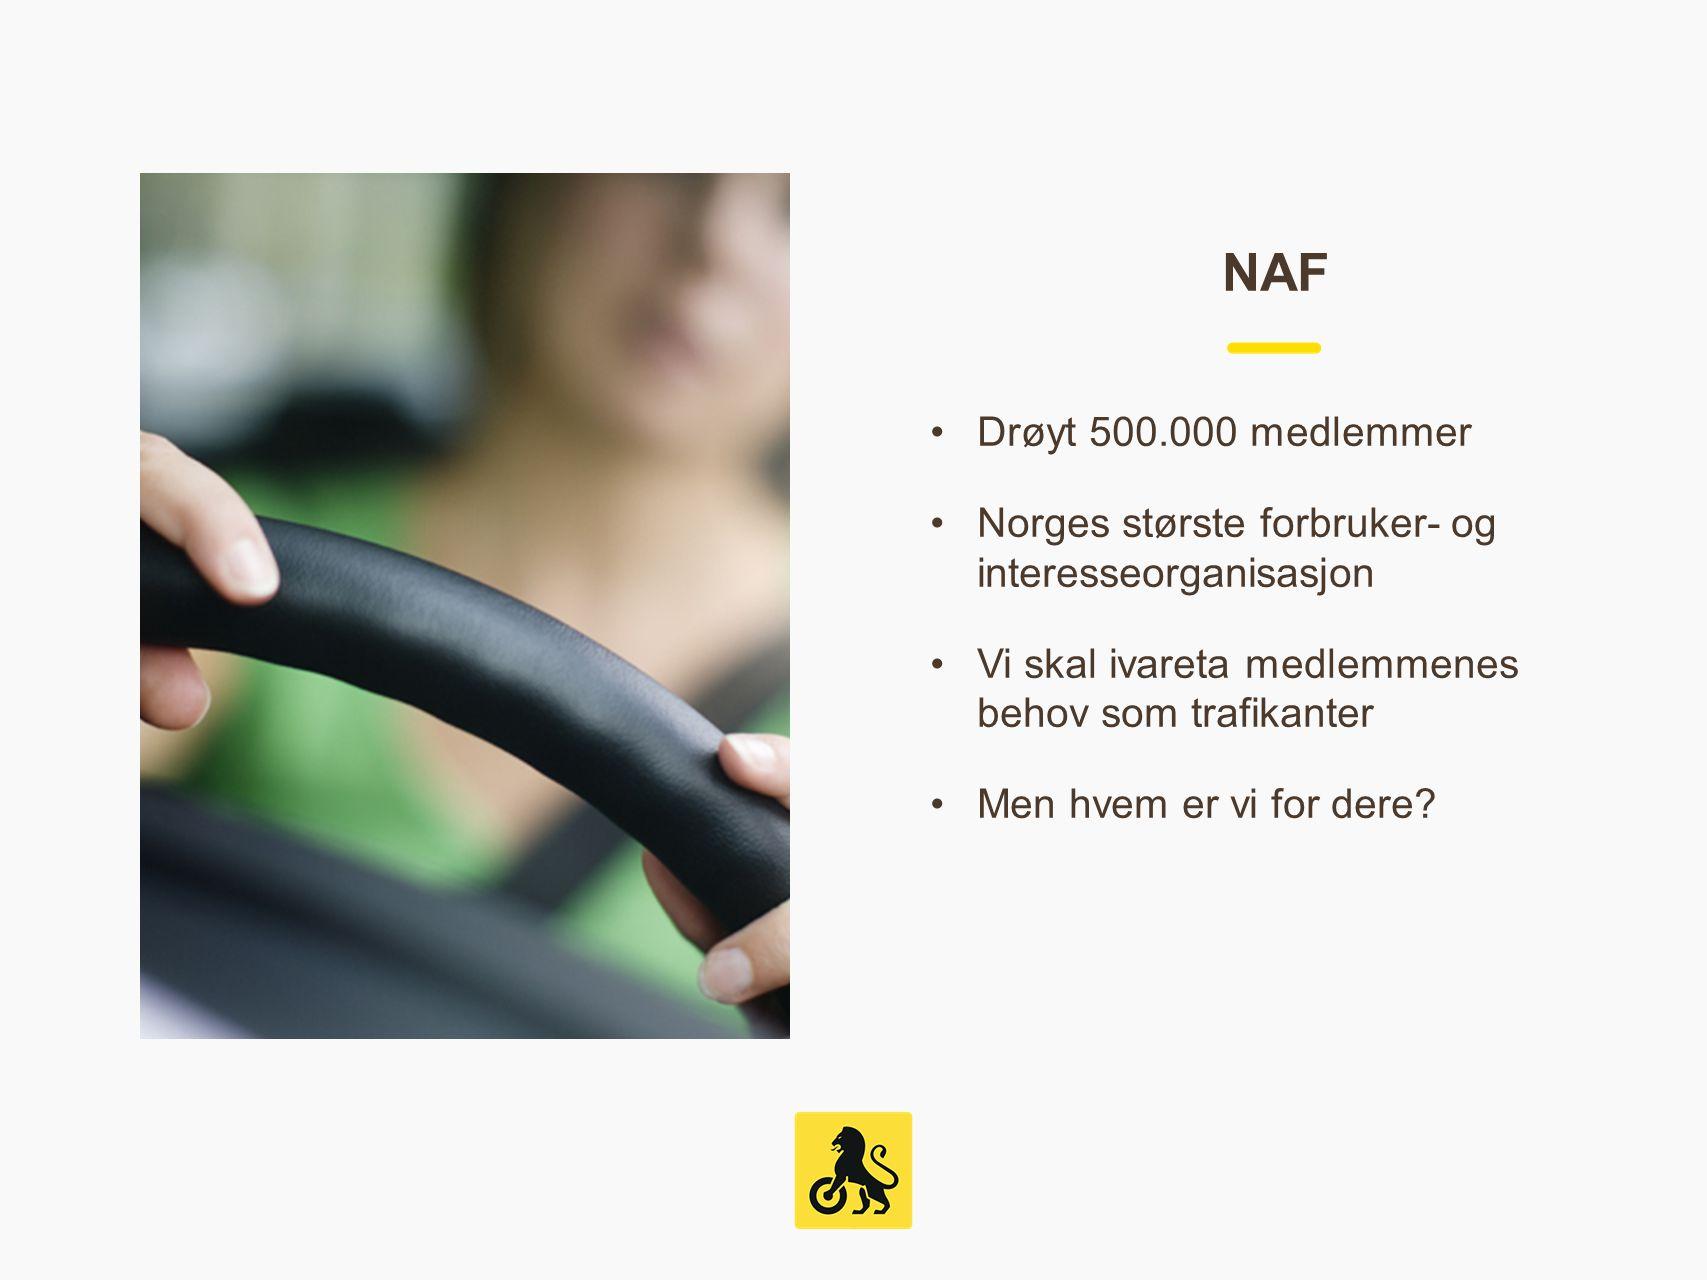 NAF Drøyt 500.000 medlemmer. Norges største forbruker- og interesseorganisasjon. Vi skal ivareta medlemmenes behov som trafikanter.